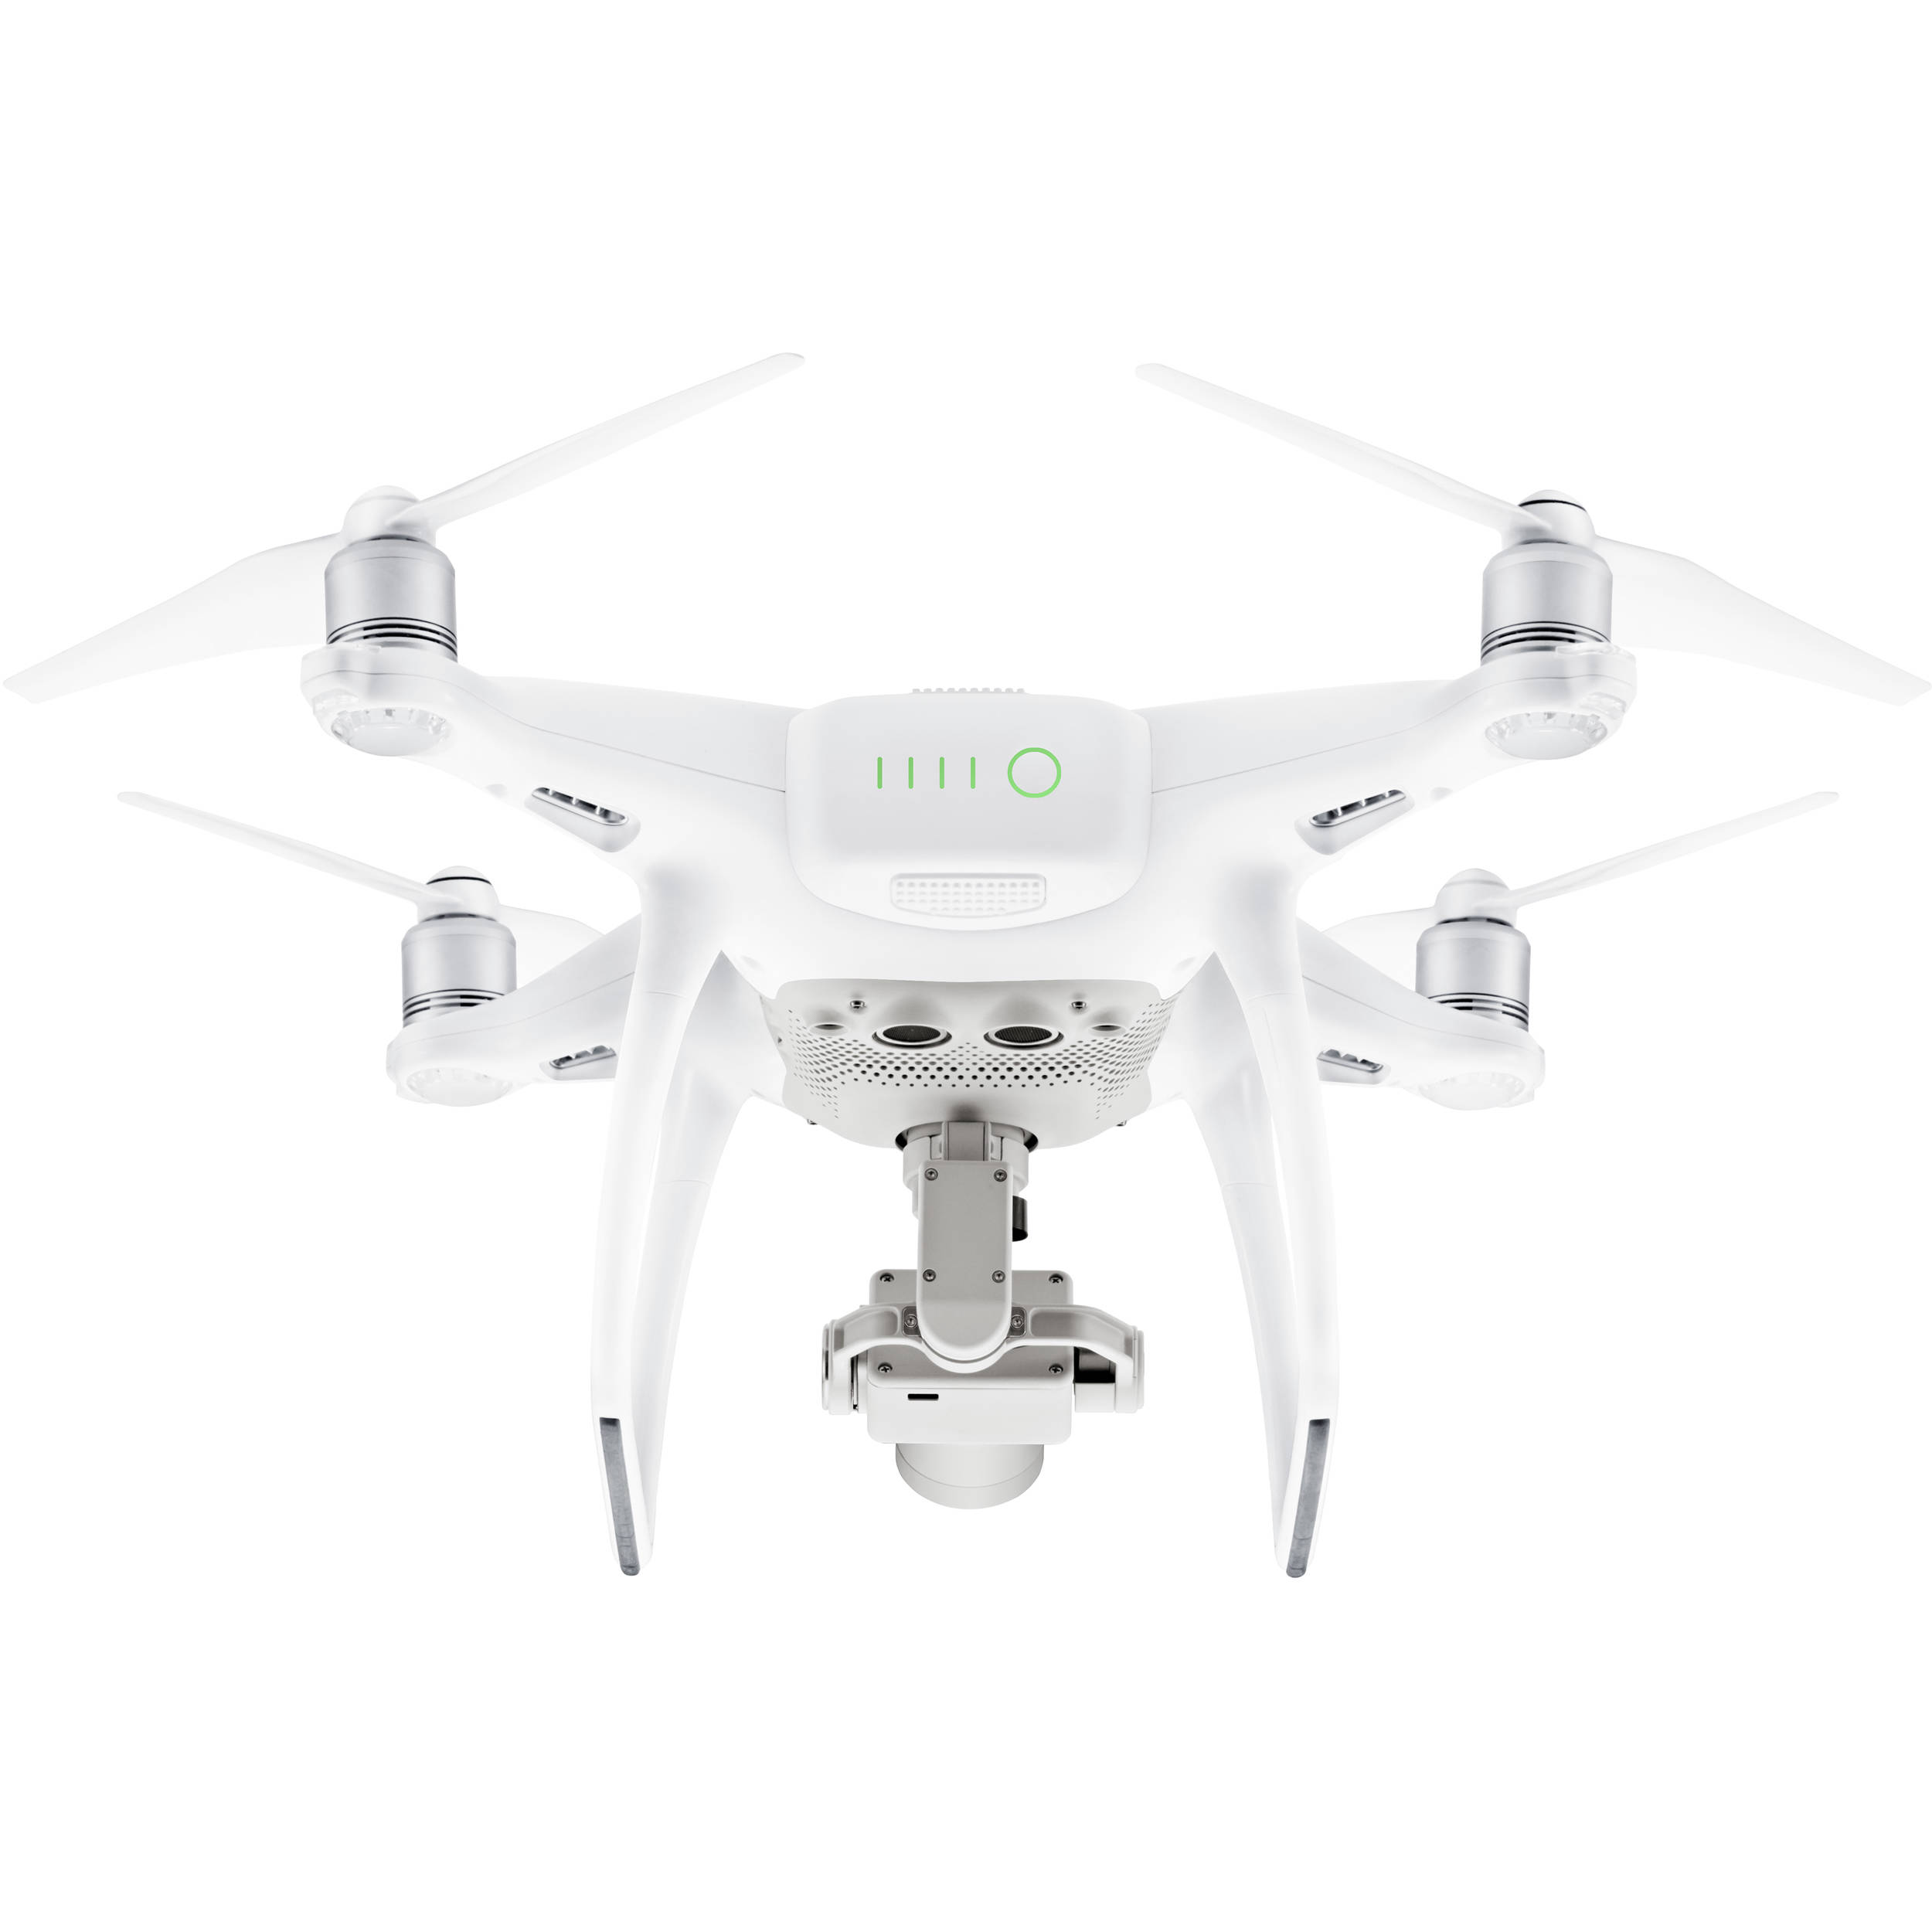 DJI Phantom 4 Quadcopter Drone Bundle avec le fabricant Accessoires + suppl?mentaire DJI Intelligent Card Flight + batterie + M?moire 32Go Sac ? dos pour DJI Phantom Drones + SSE ? distance / ?metteur - image 5 de 7